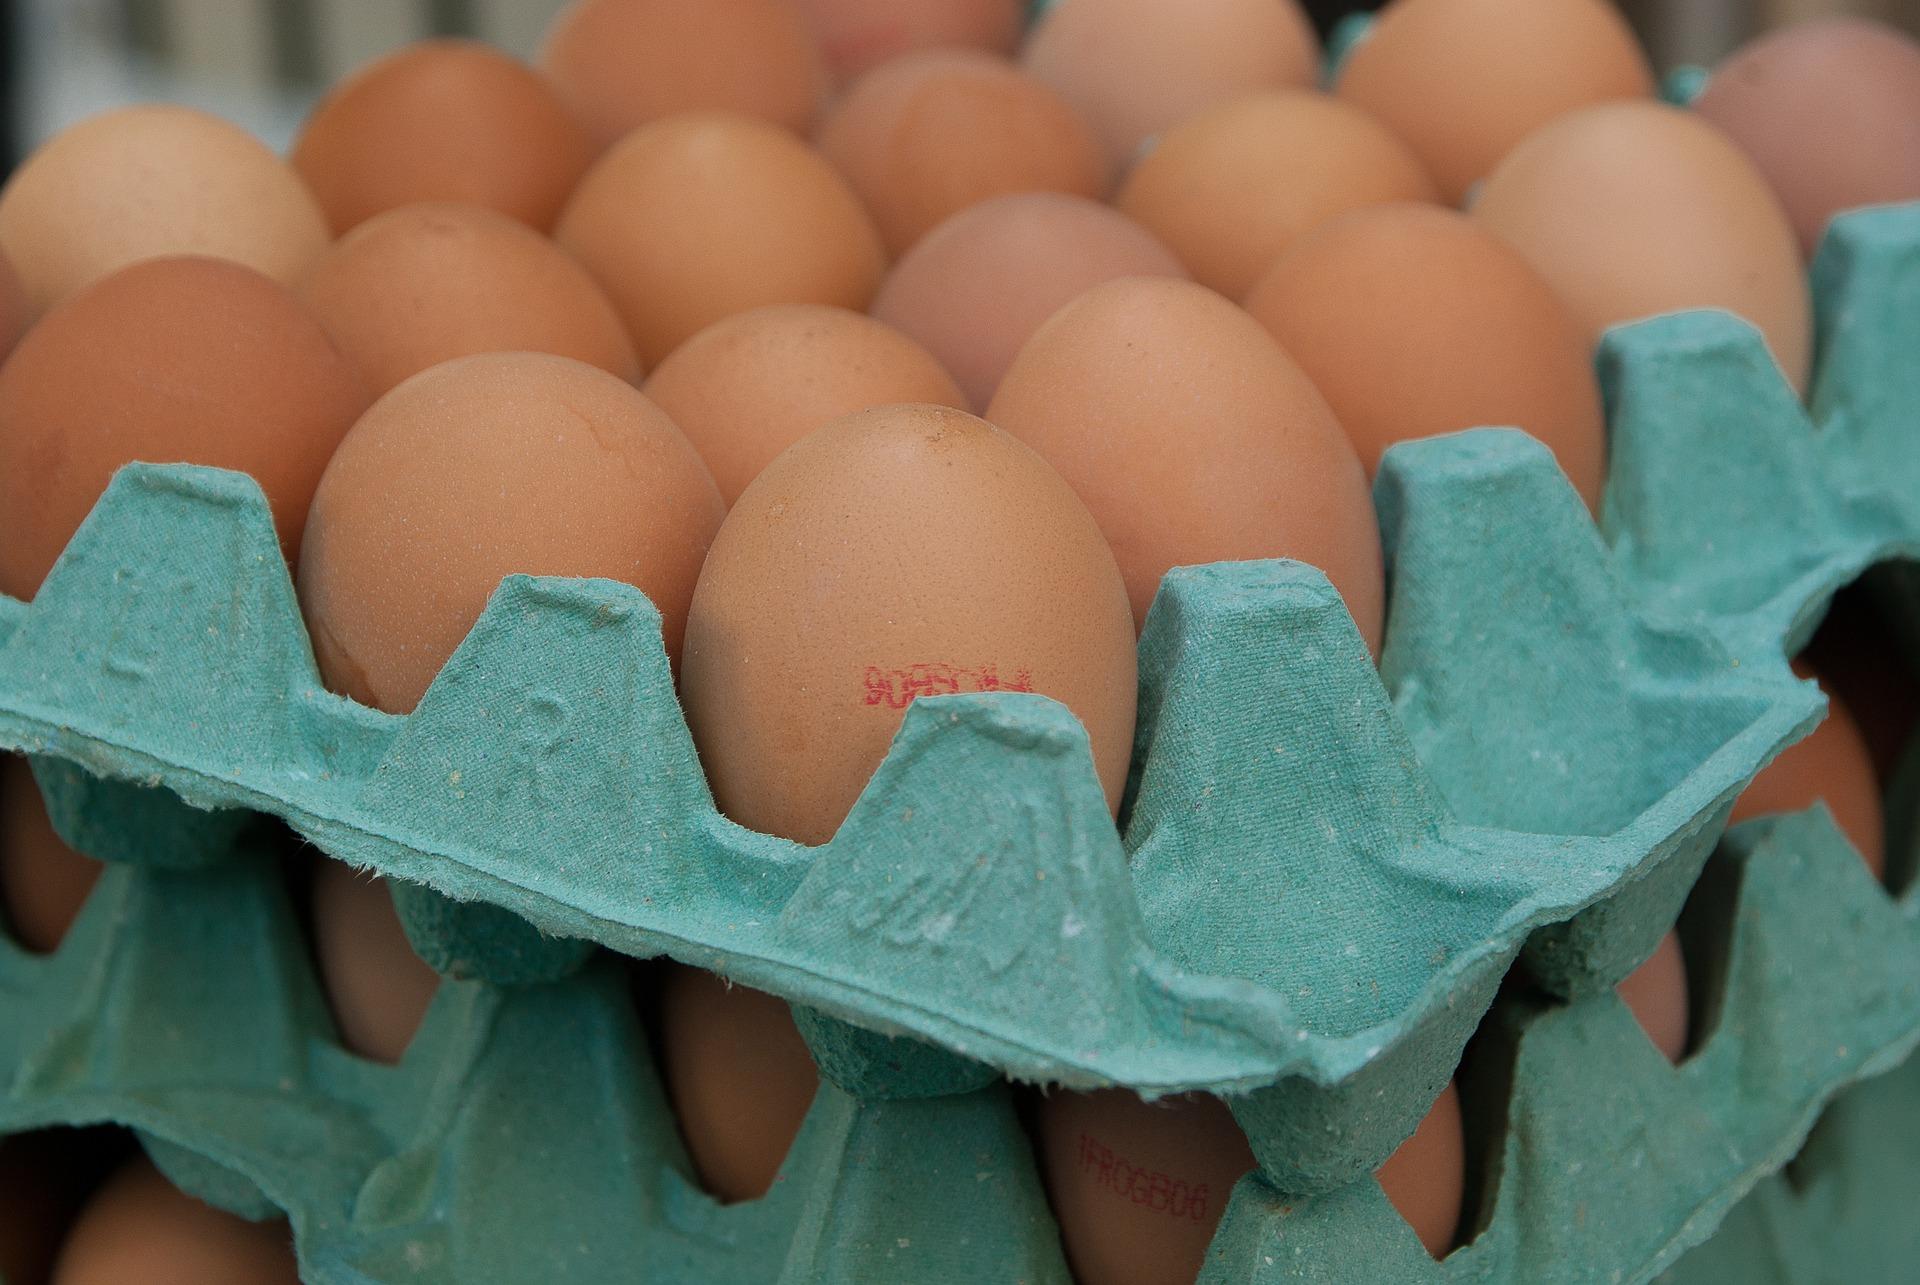 Społem rezygnuje z jaj z chowu klatkowego